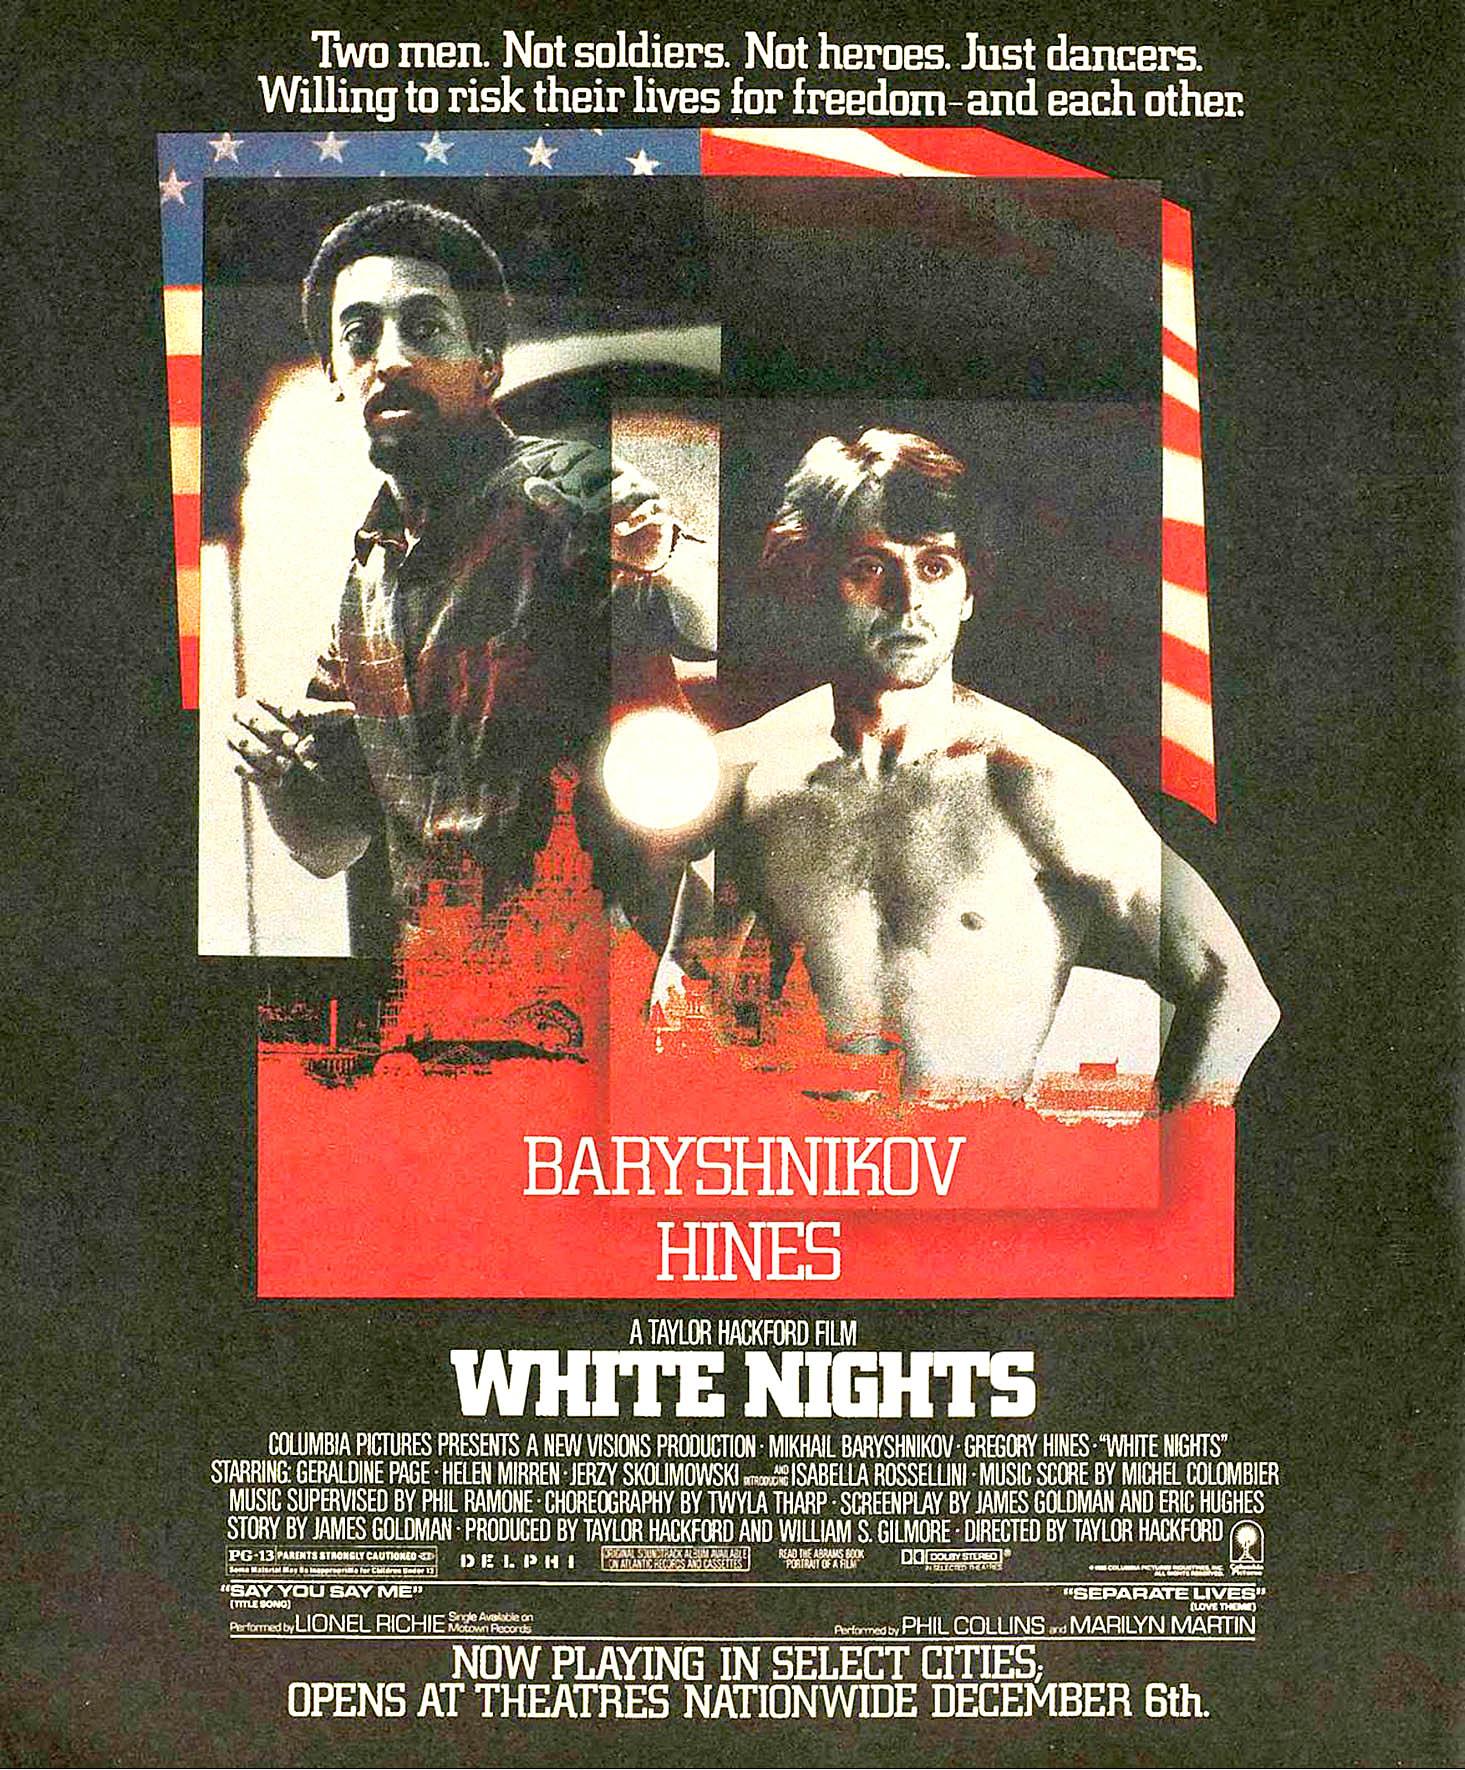 RS 851205 White Nights.jpg